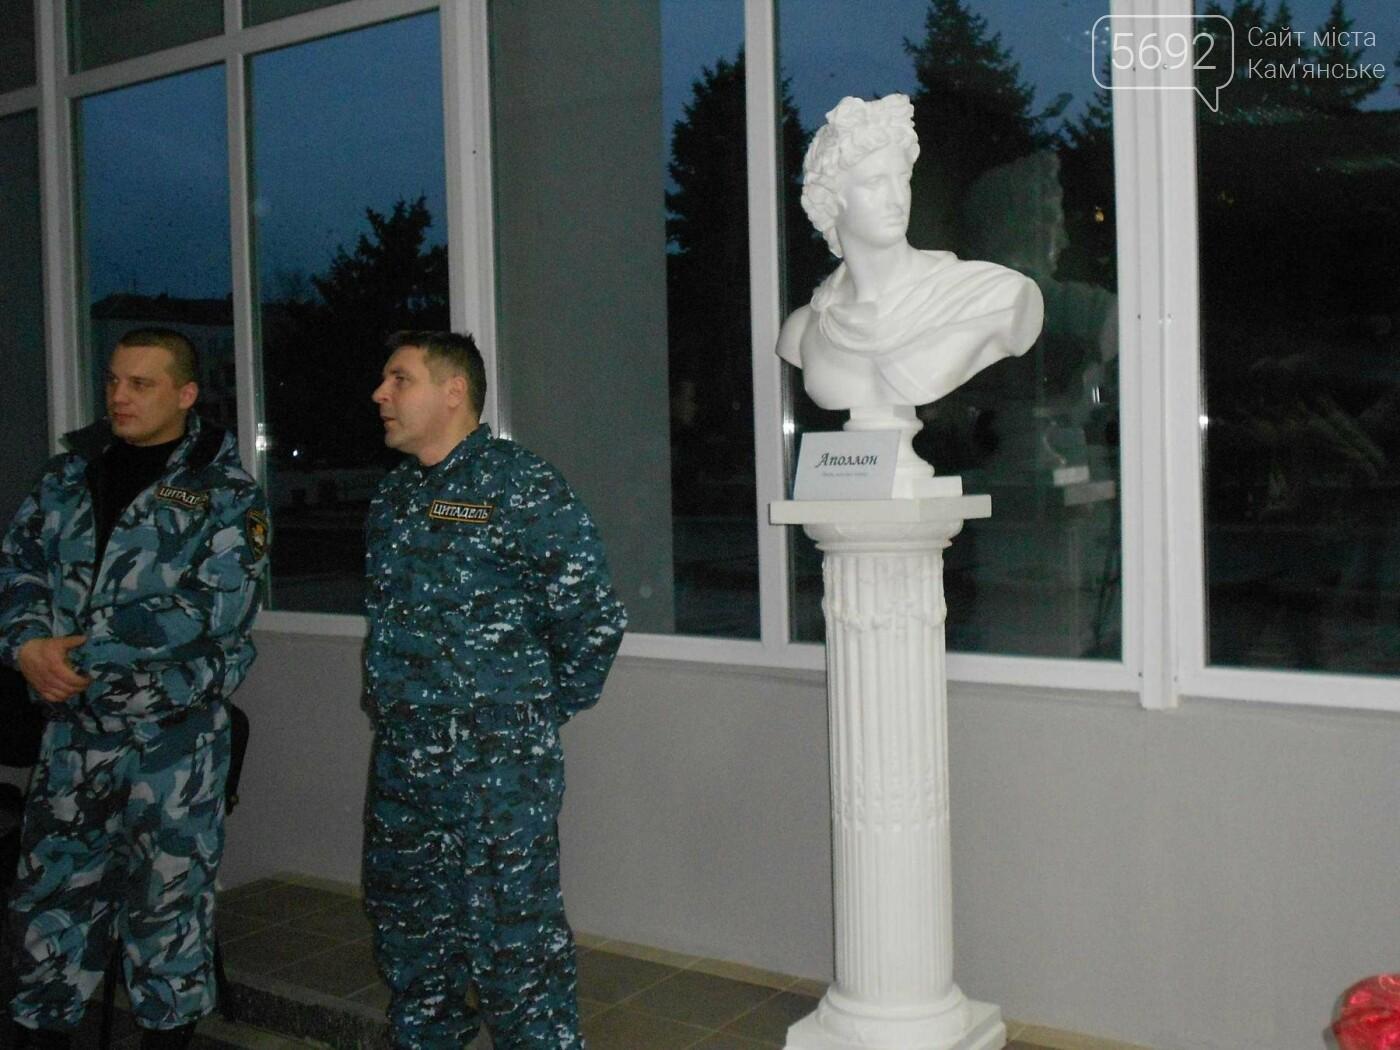 От пластилина до искусства: в Каменском открылась выставка скульптора Сергея Болдова, фото-8